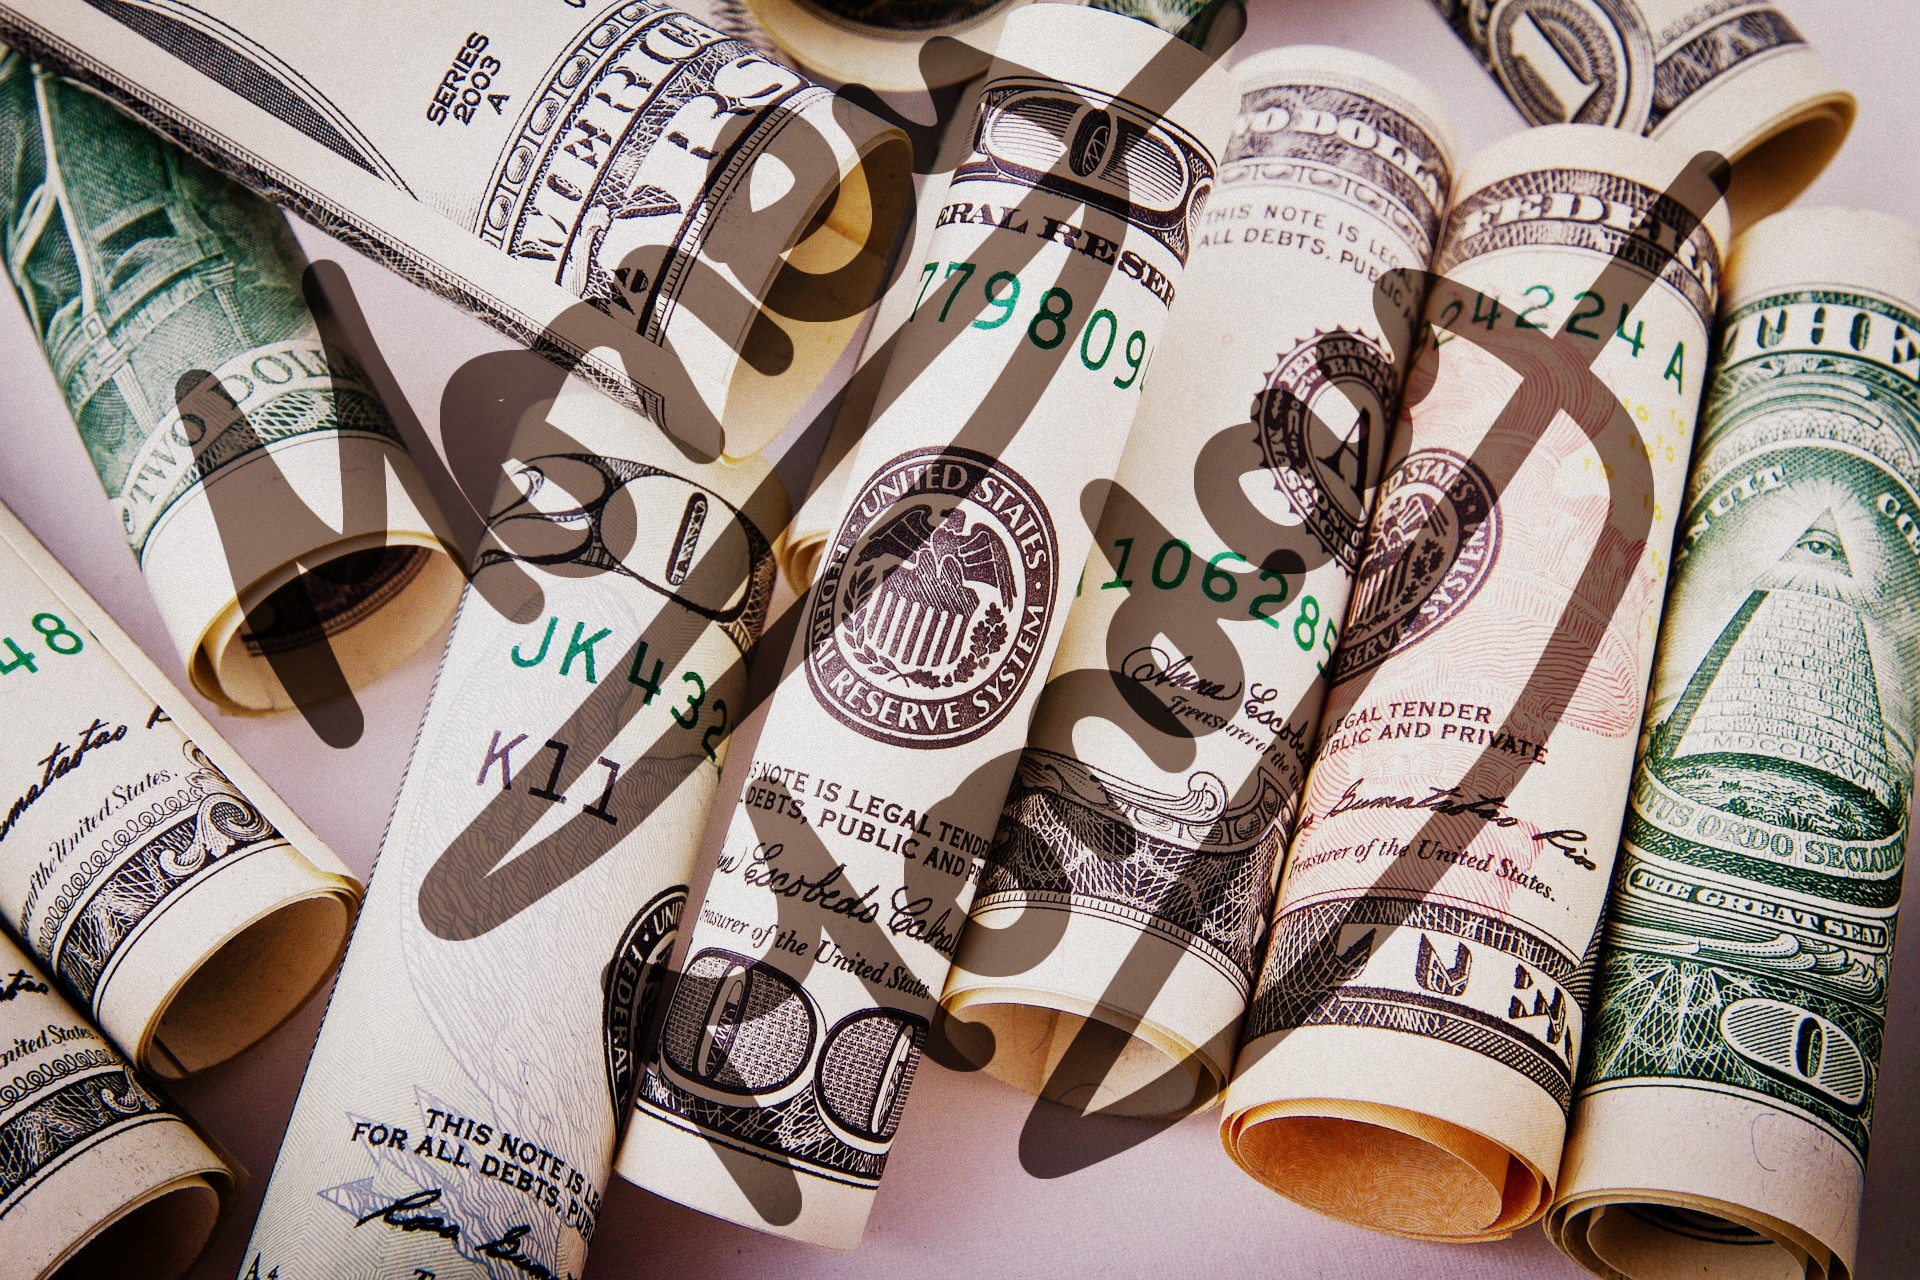 Börsenlexikon Versteuerung von Aktiengewinnen: Hier finden Sie die Erklärung zu dem Börsen-Begriff Versteuerung von Aktiengewinnen.